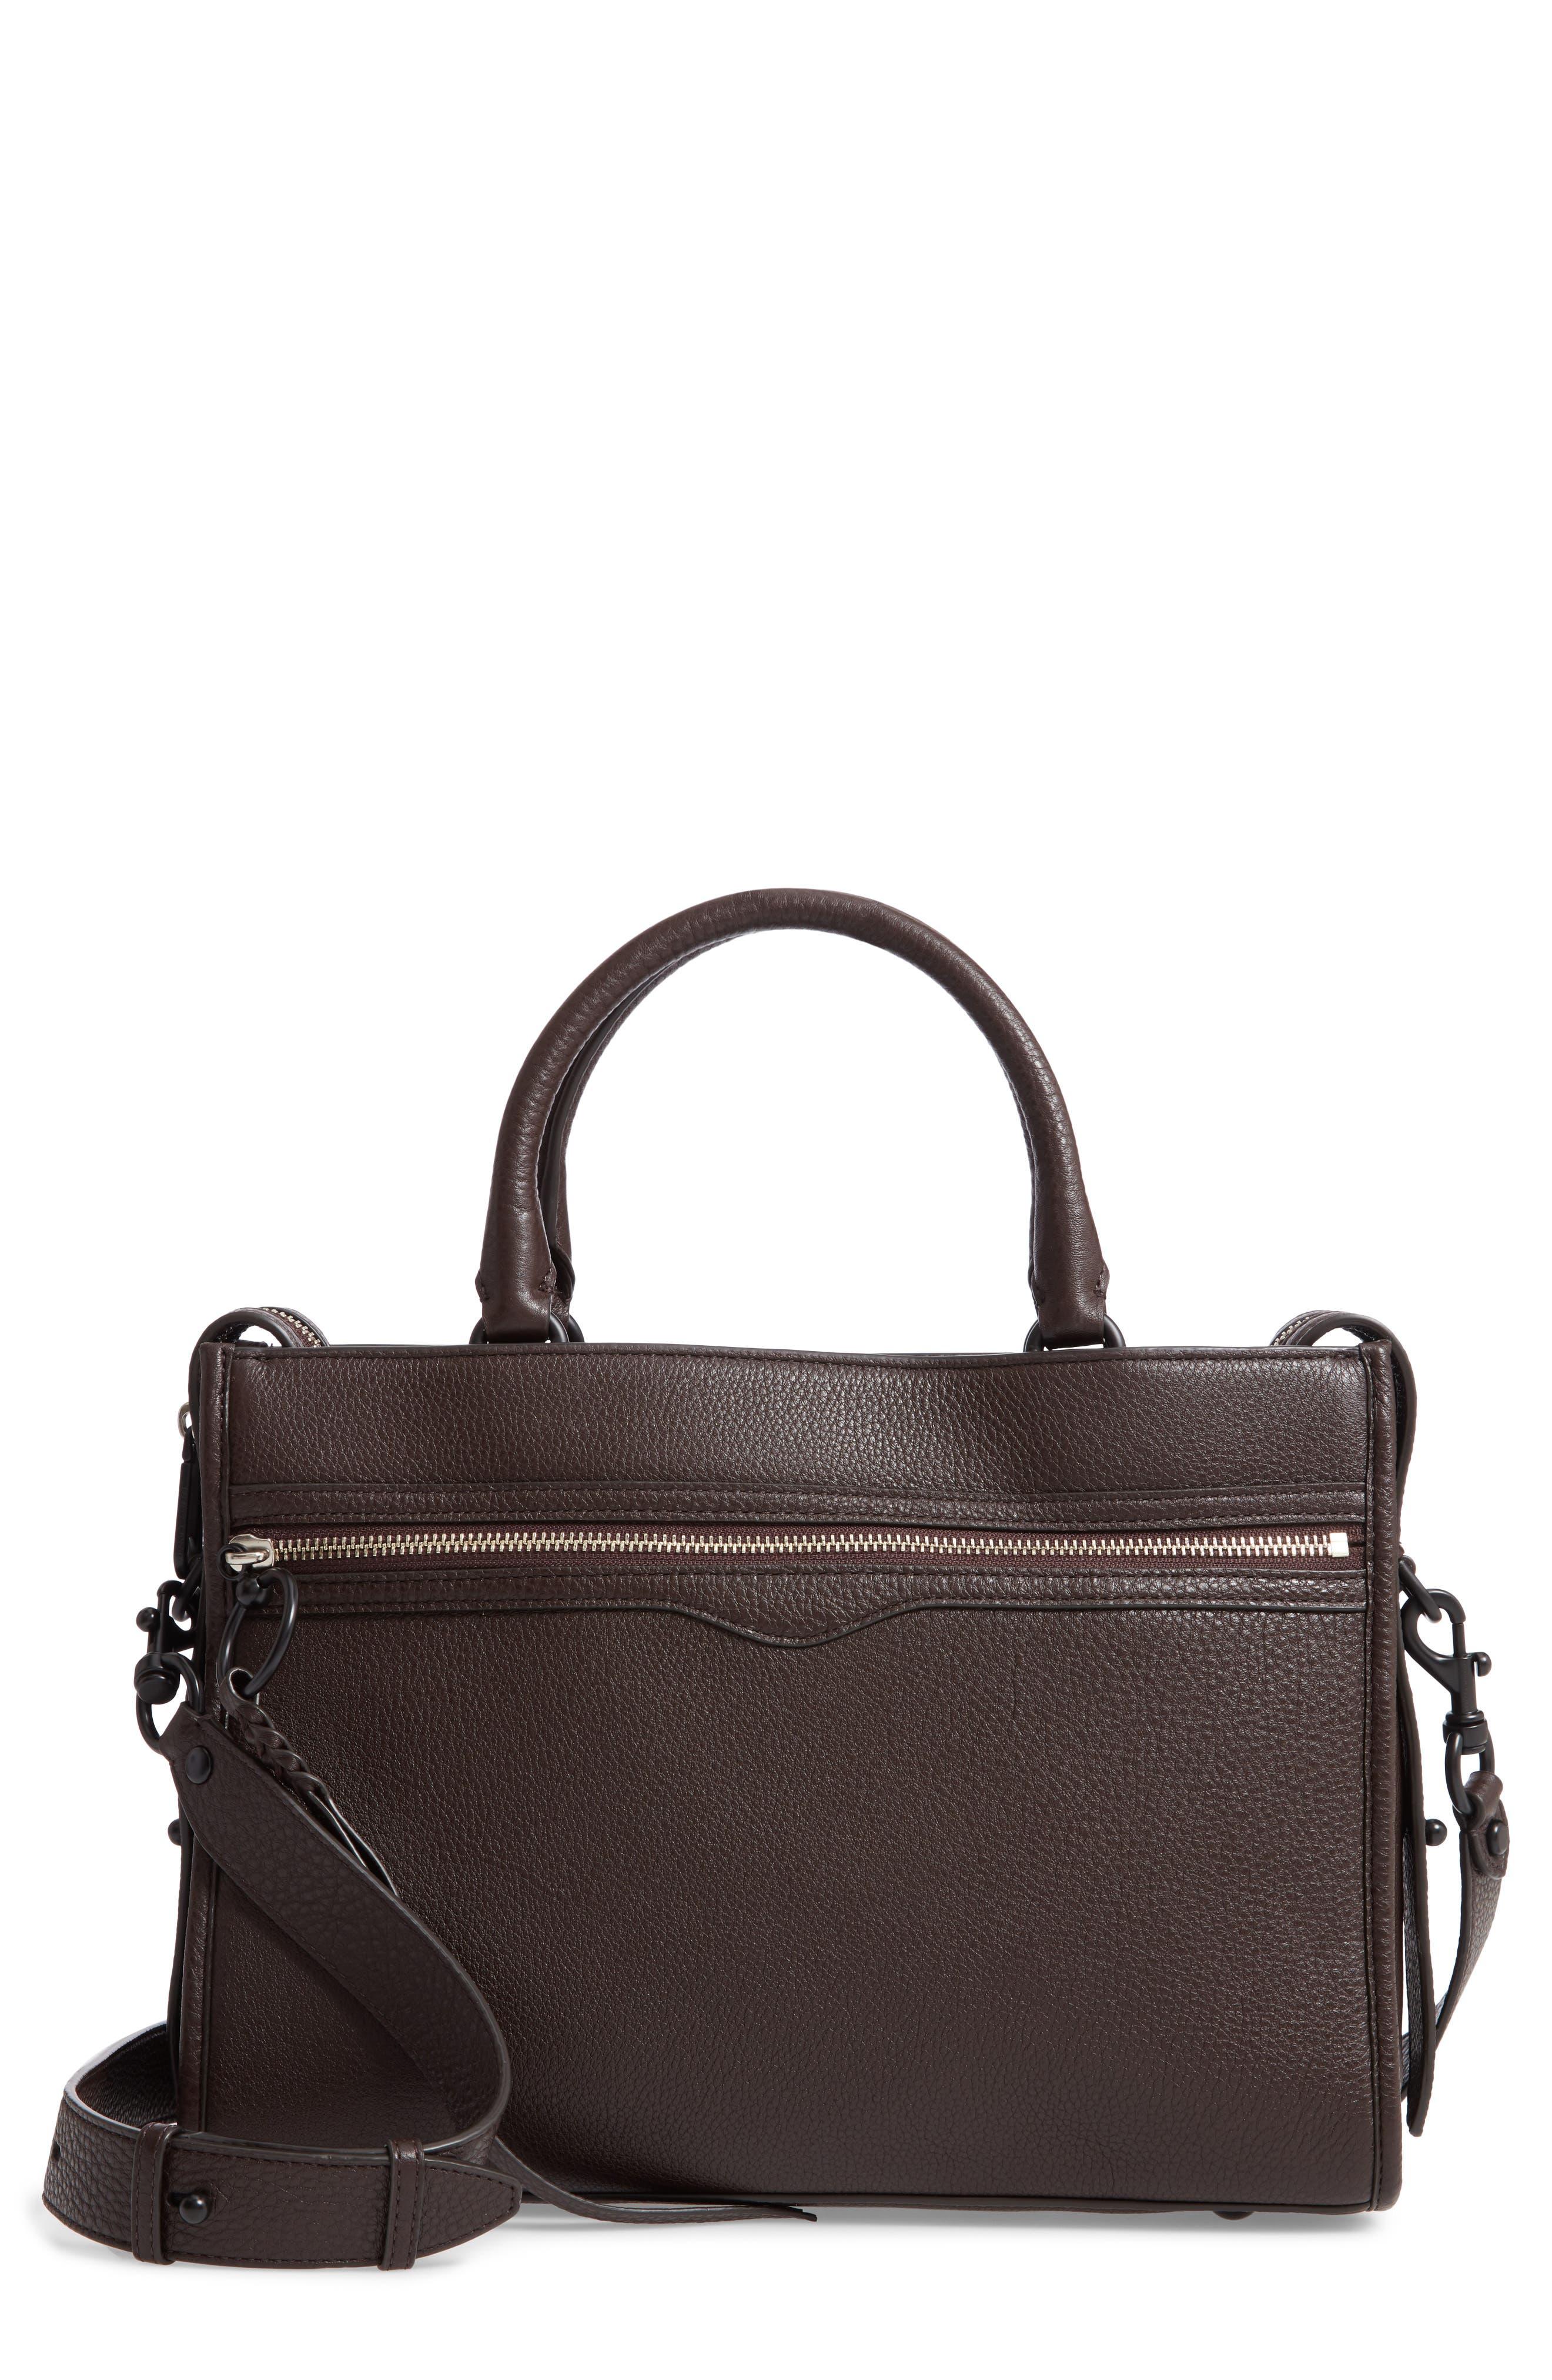 Bedford Zip Leather Satchel,                             Main thumbnail 1, color,                             GANACHE